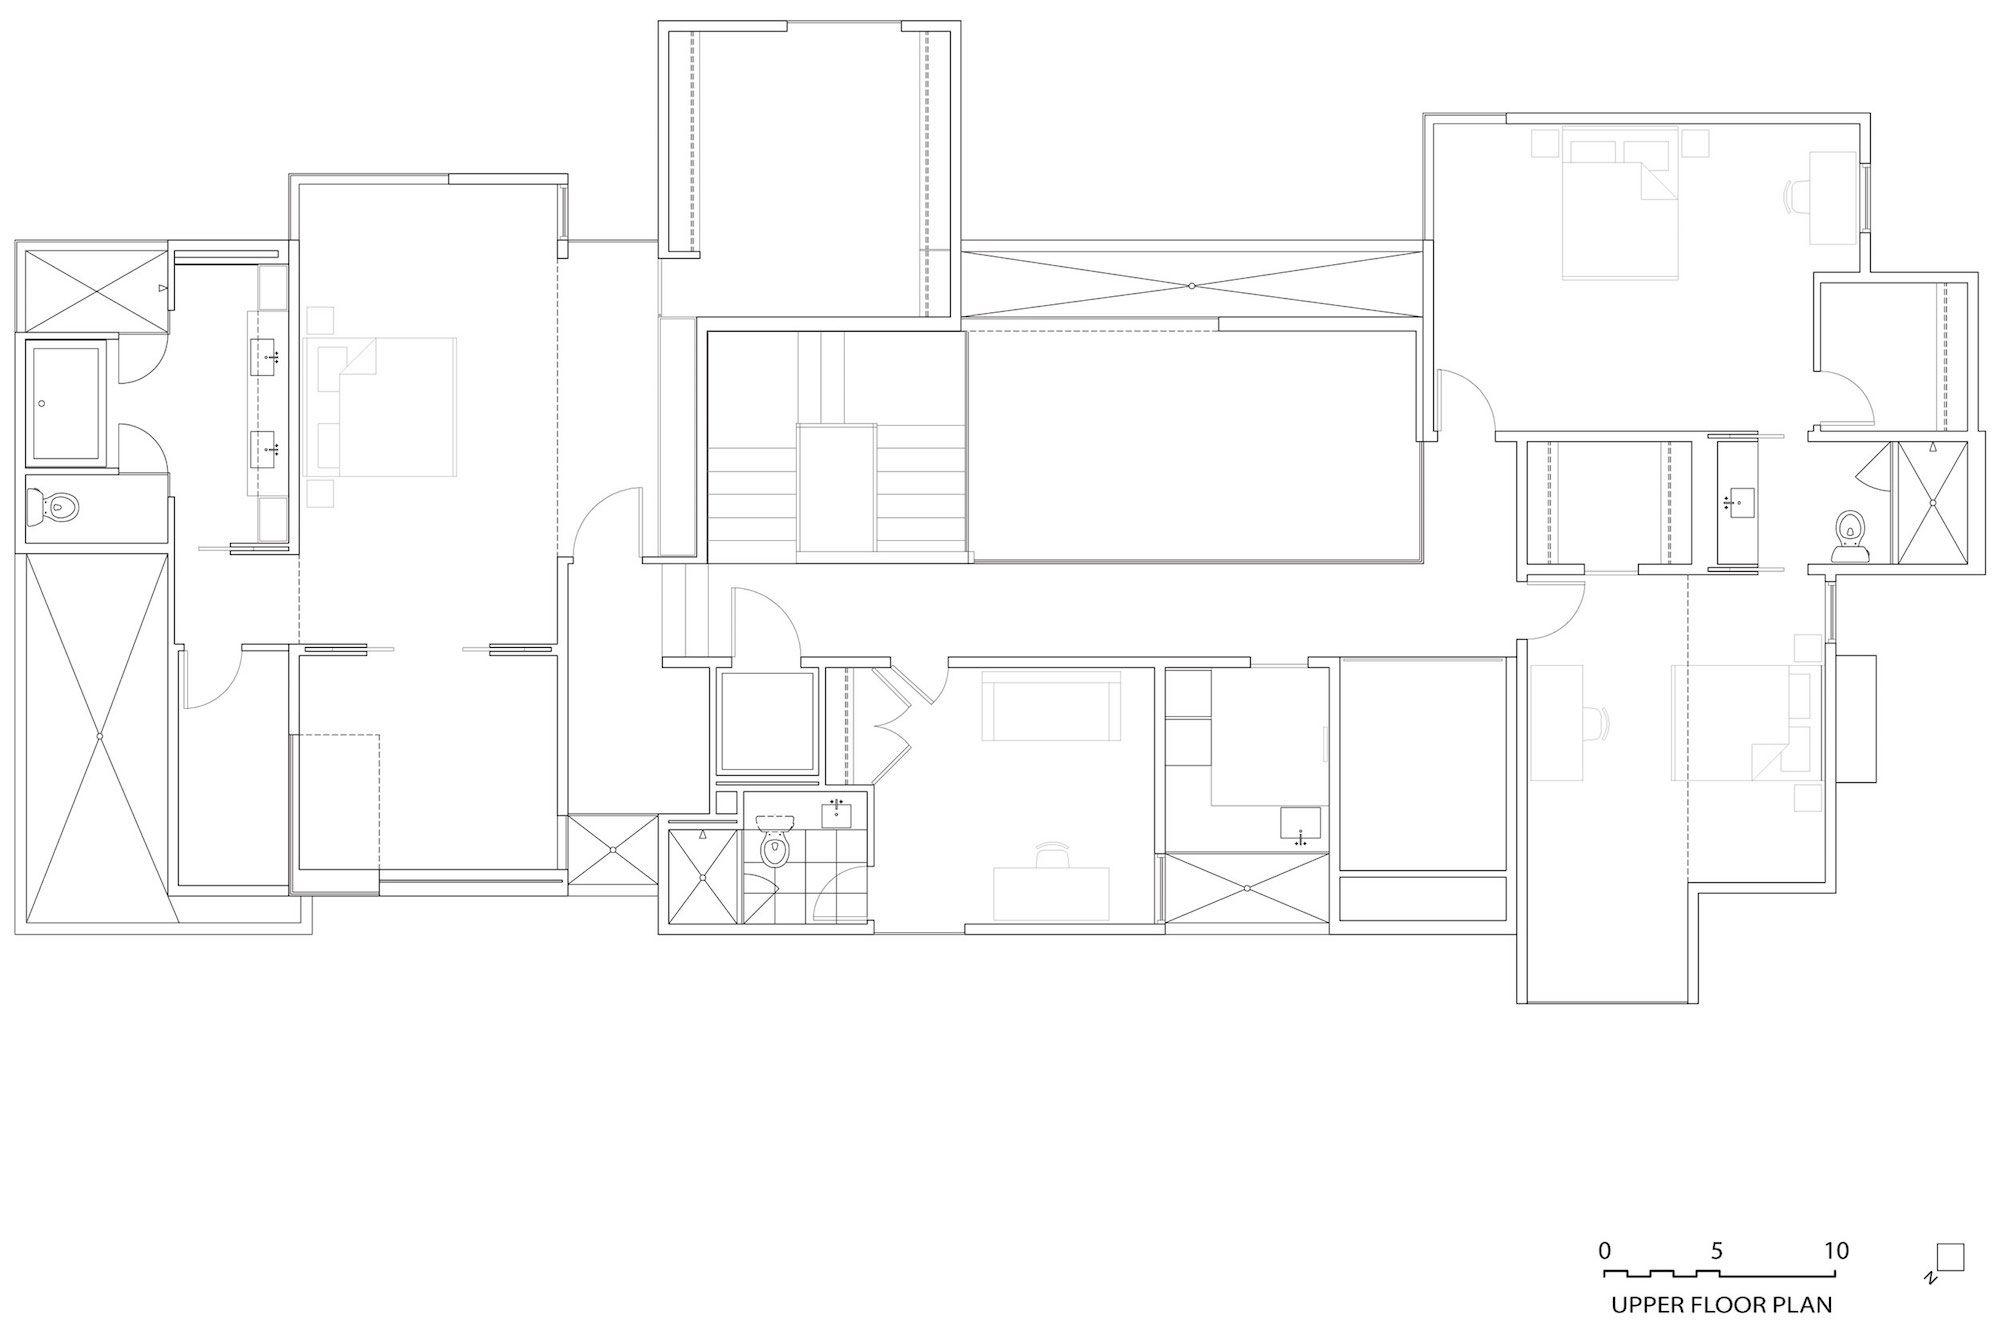 NaCl-Residence-22